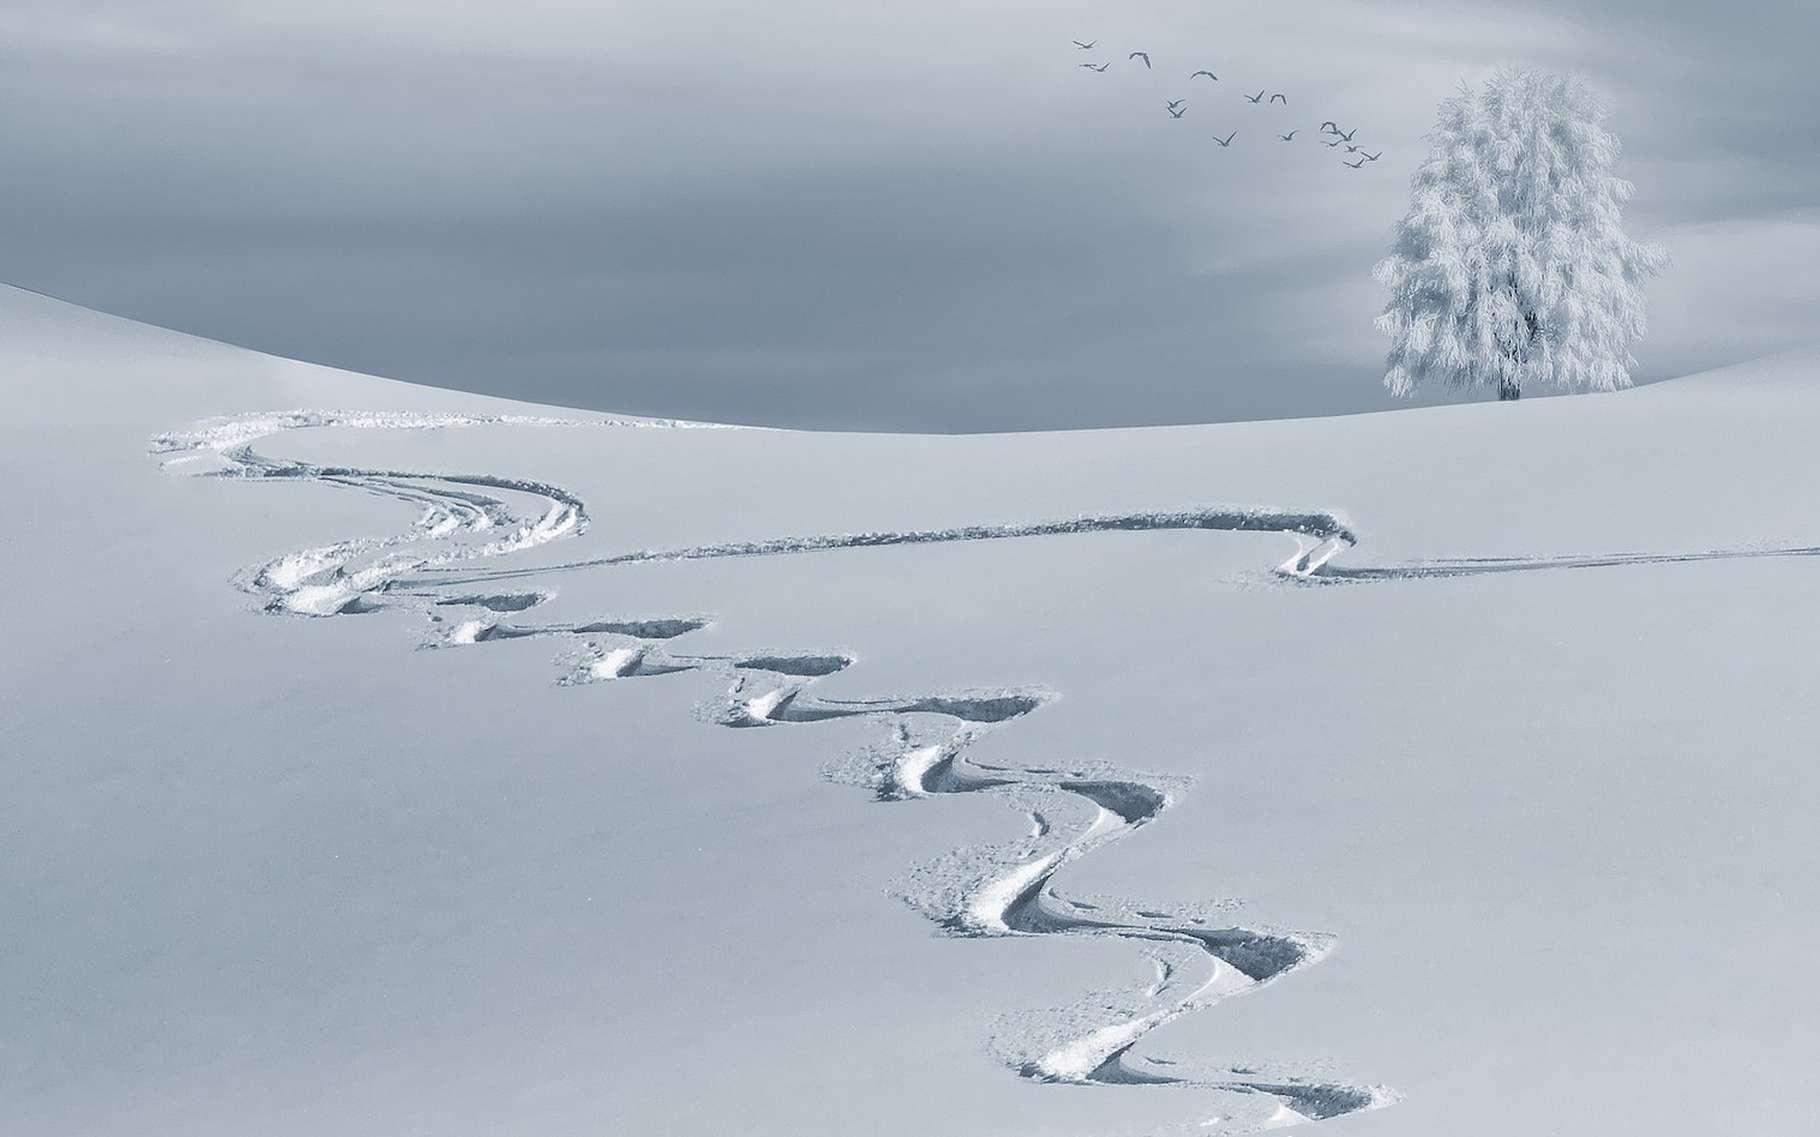 Le ski est-il né en Scandinavie ou en Asie? Les scientifiques sont partagés. © composita, Pixabay, CC0 Creative Commons